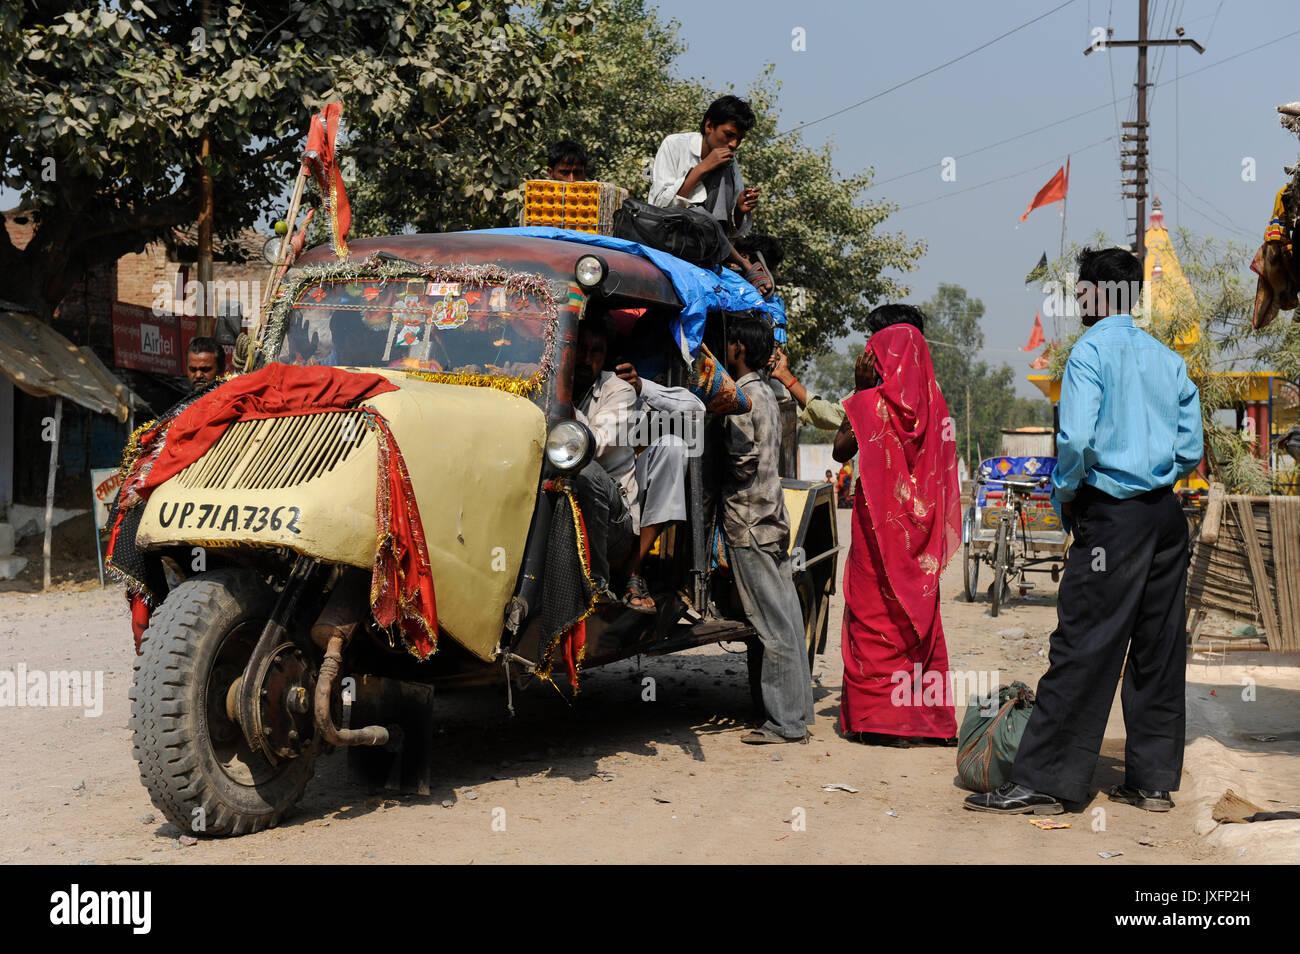 Indien U.P. Bundelkhand, Mahoba, öffentlicher Verkehr mit Tempo/Indien, altes Mahoba dreiraedriges Tempo Fahrzeug als Tranportmittel Stockbild